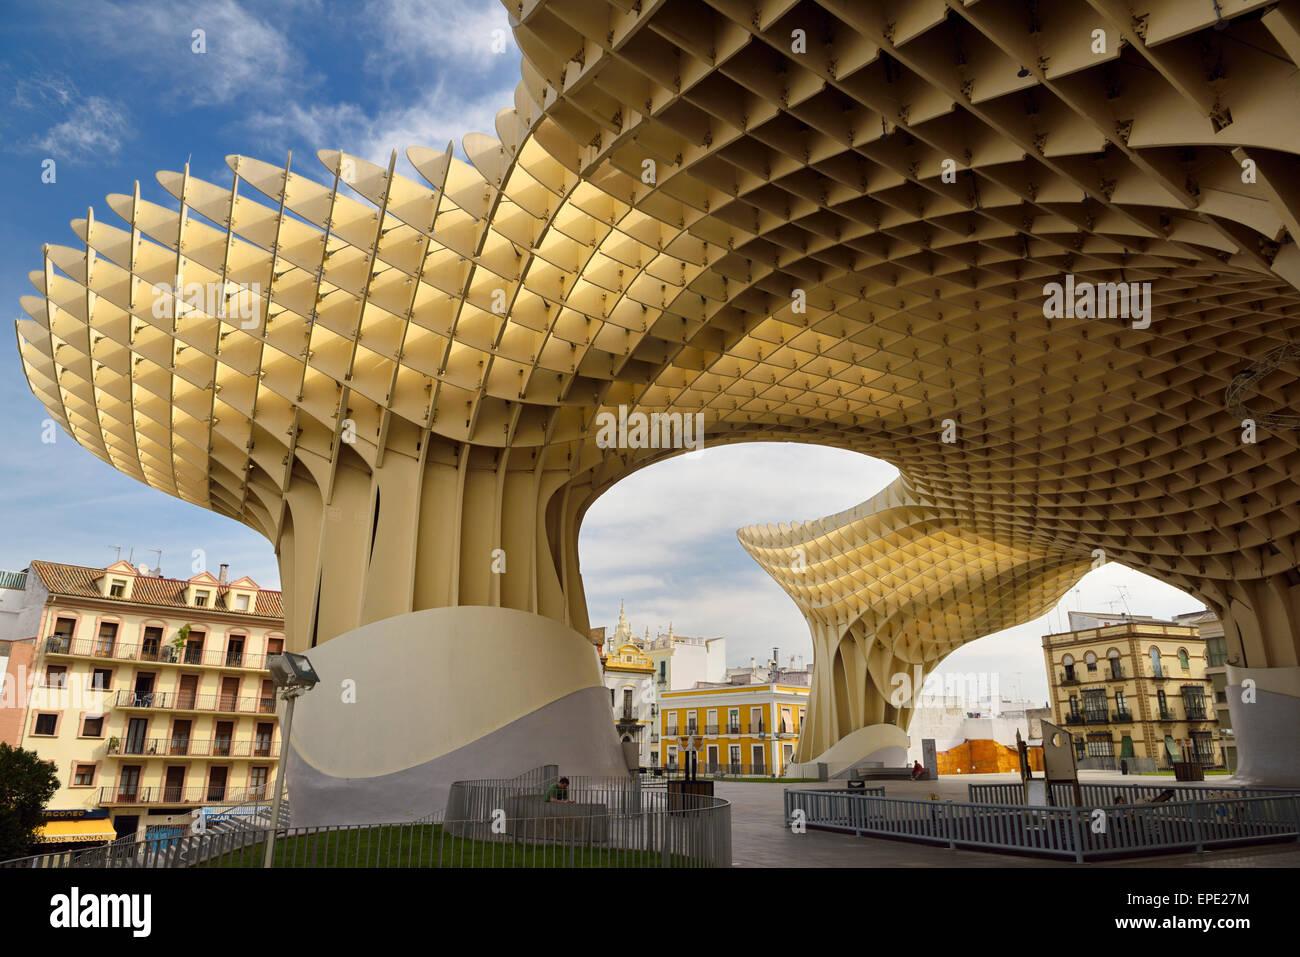 Tettoia a fungo architettura moderna del Metropol parasol a plaza dell incarnazione siviglia spagna Immagini Stock